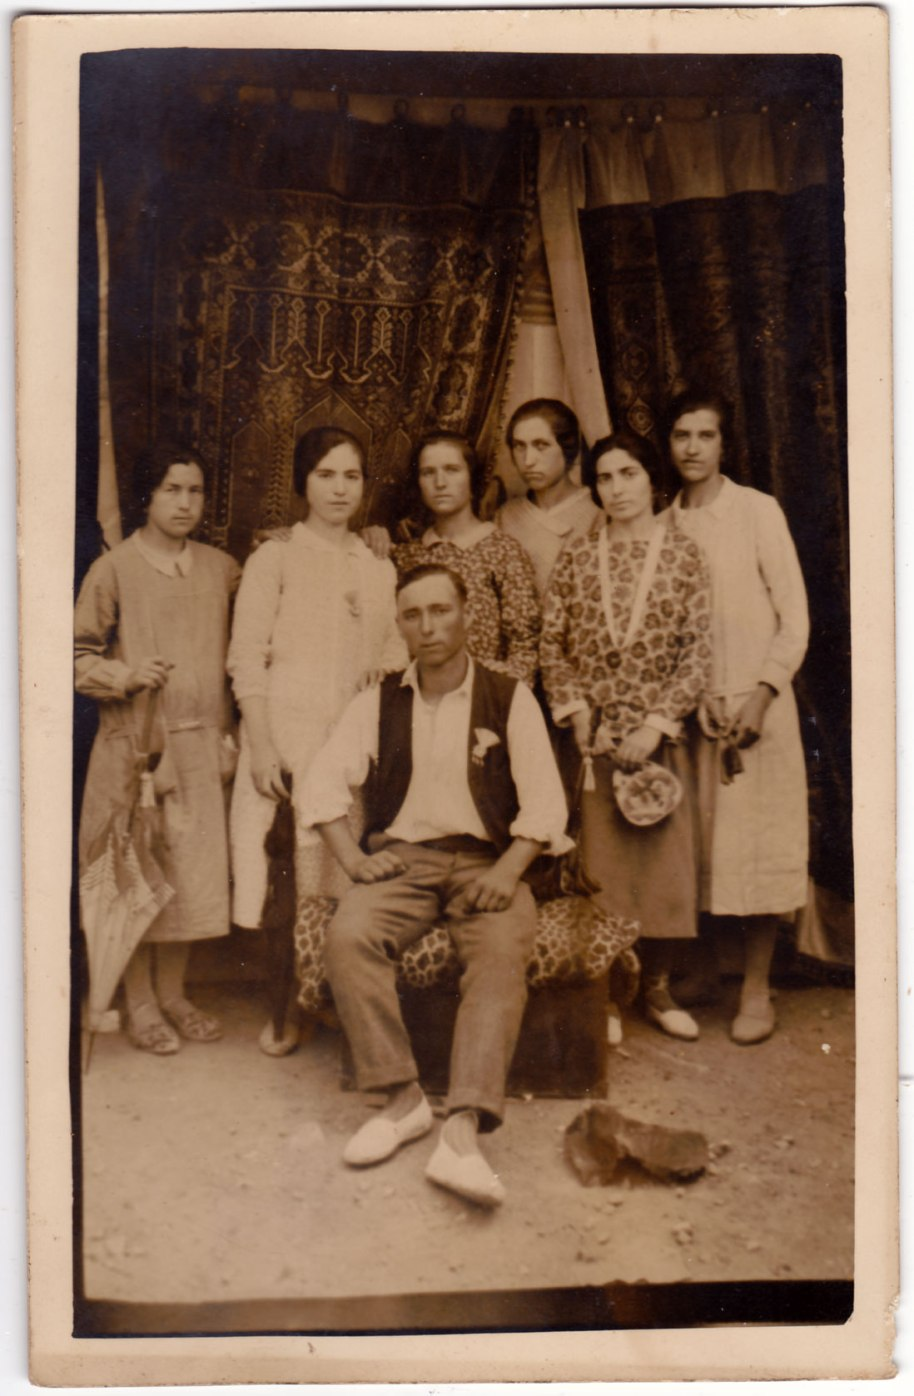 Ací el  grup familiar posa davant de grosses cortines, però igualment la foto pareix feta al carrer (fixeu-vos en el sol de terra).